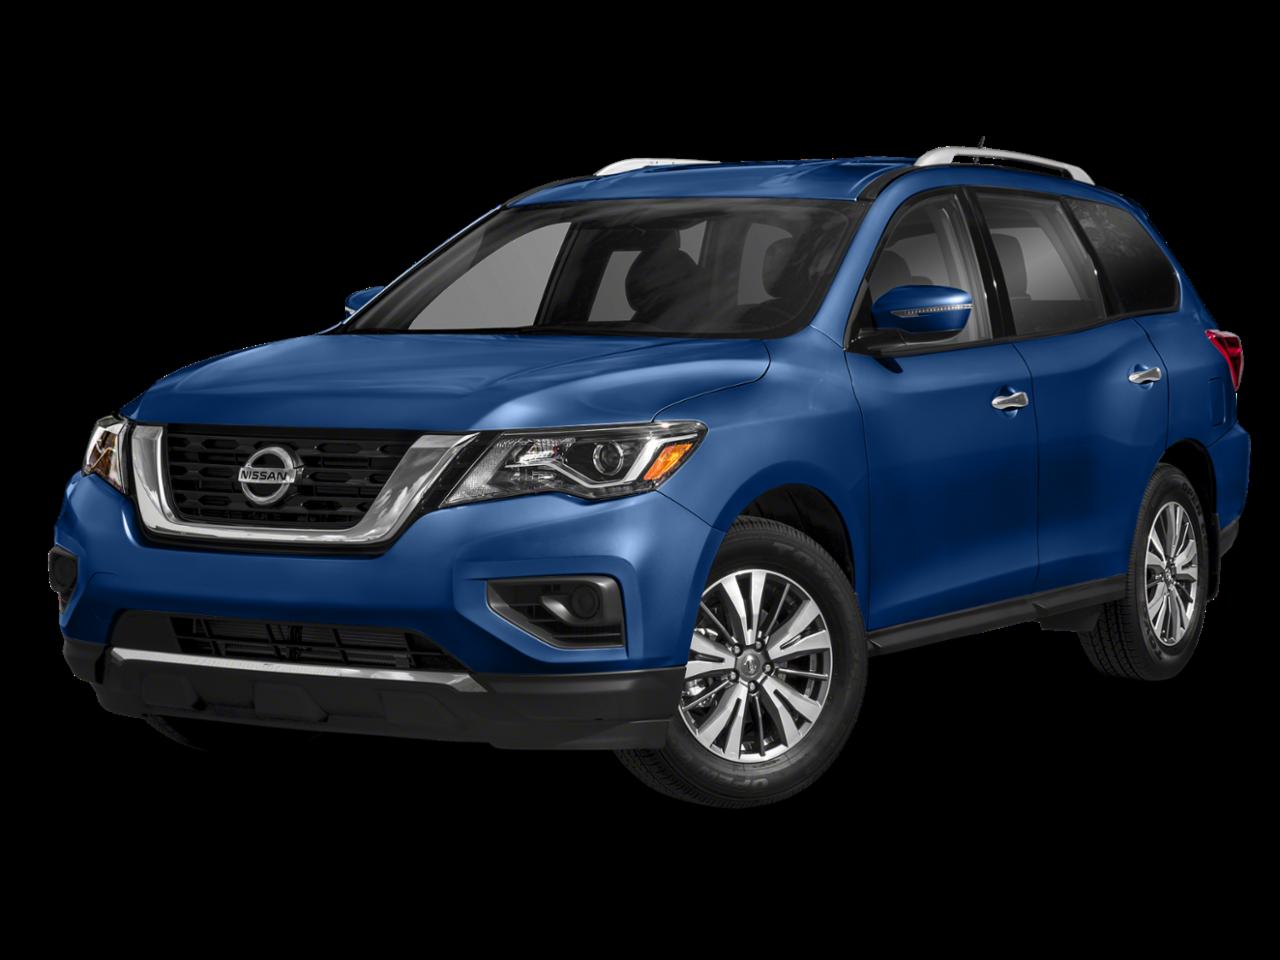 Nissan 2019 Pathfinder S